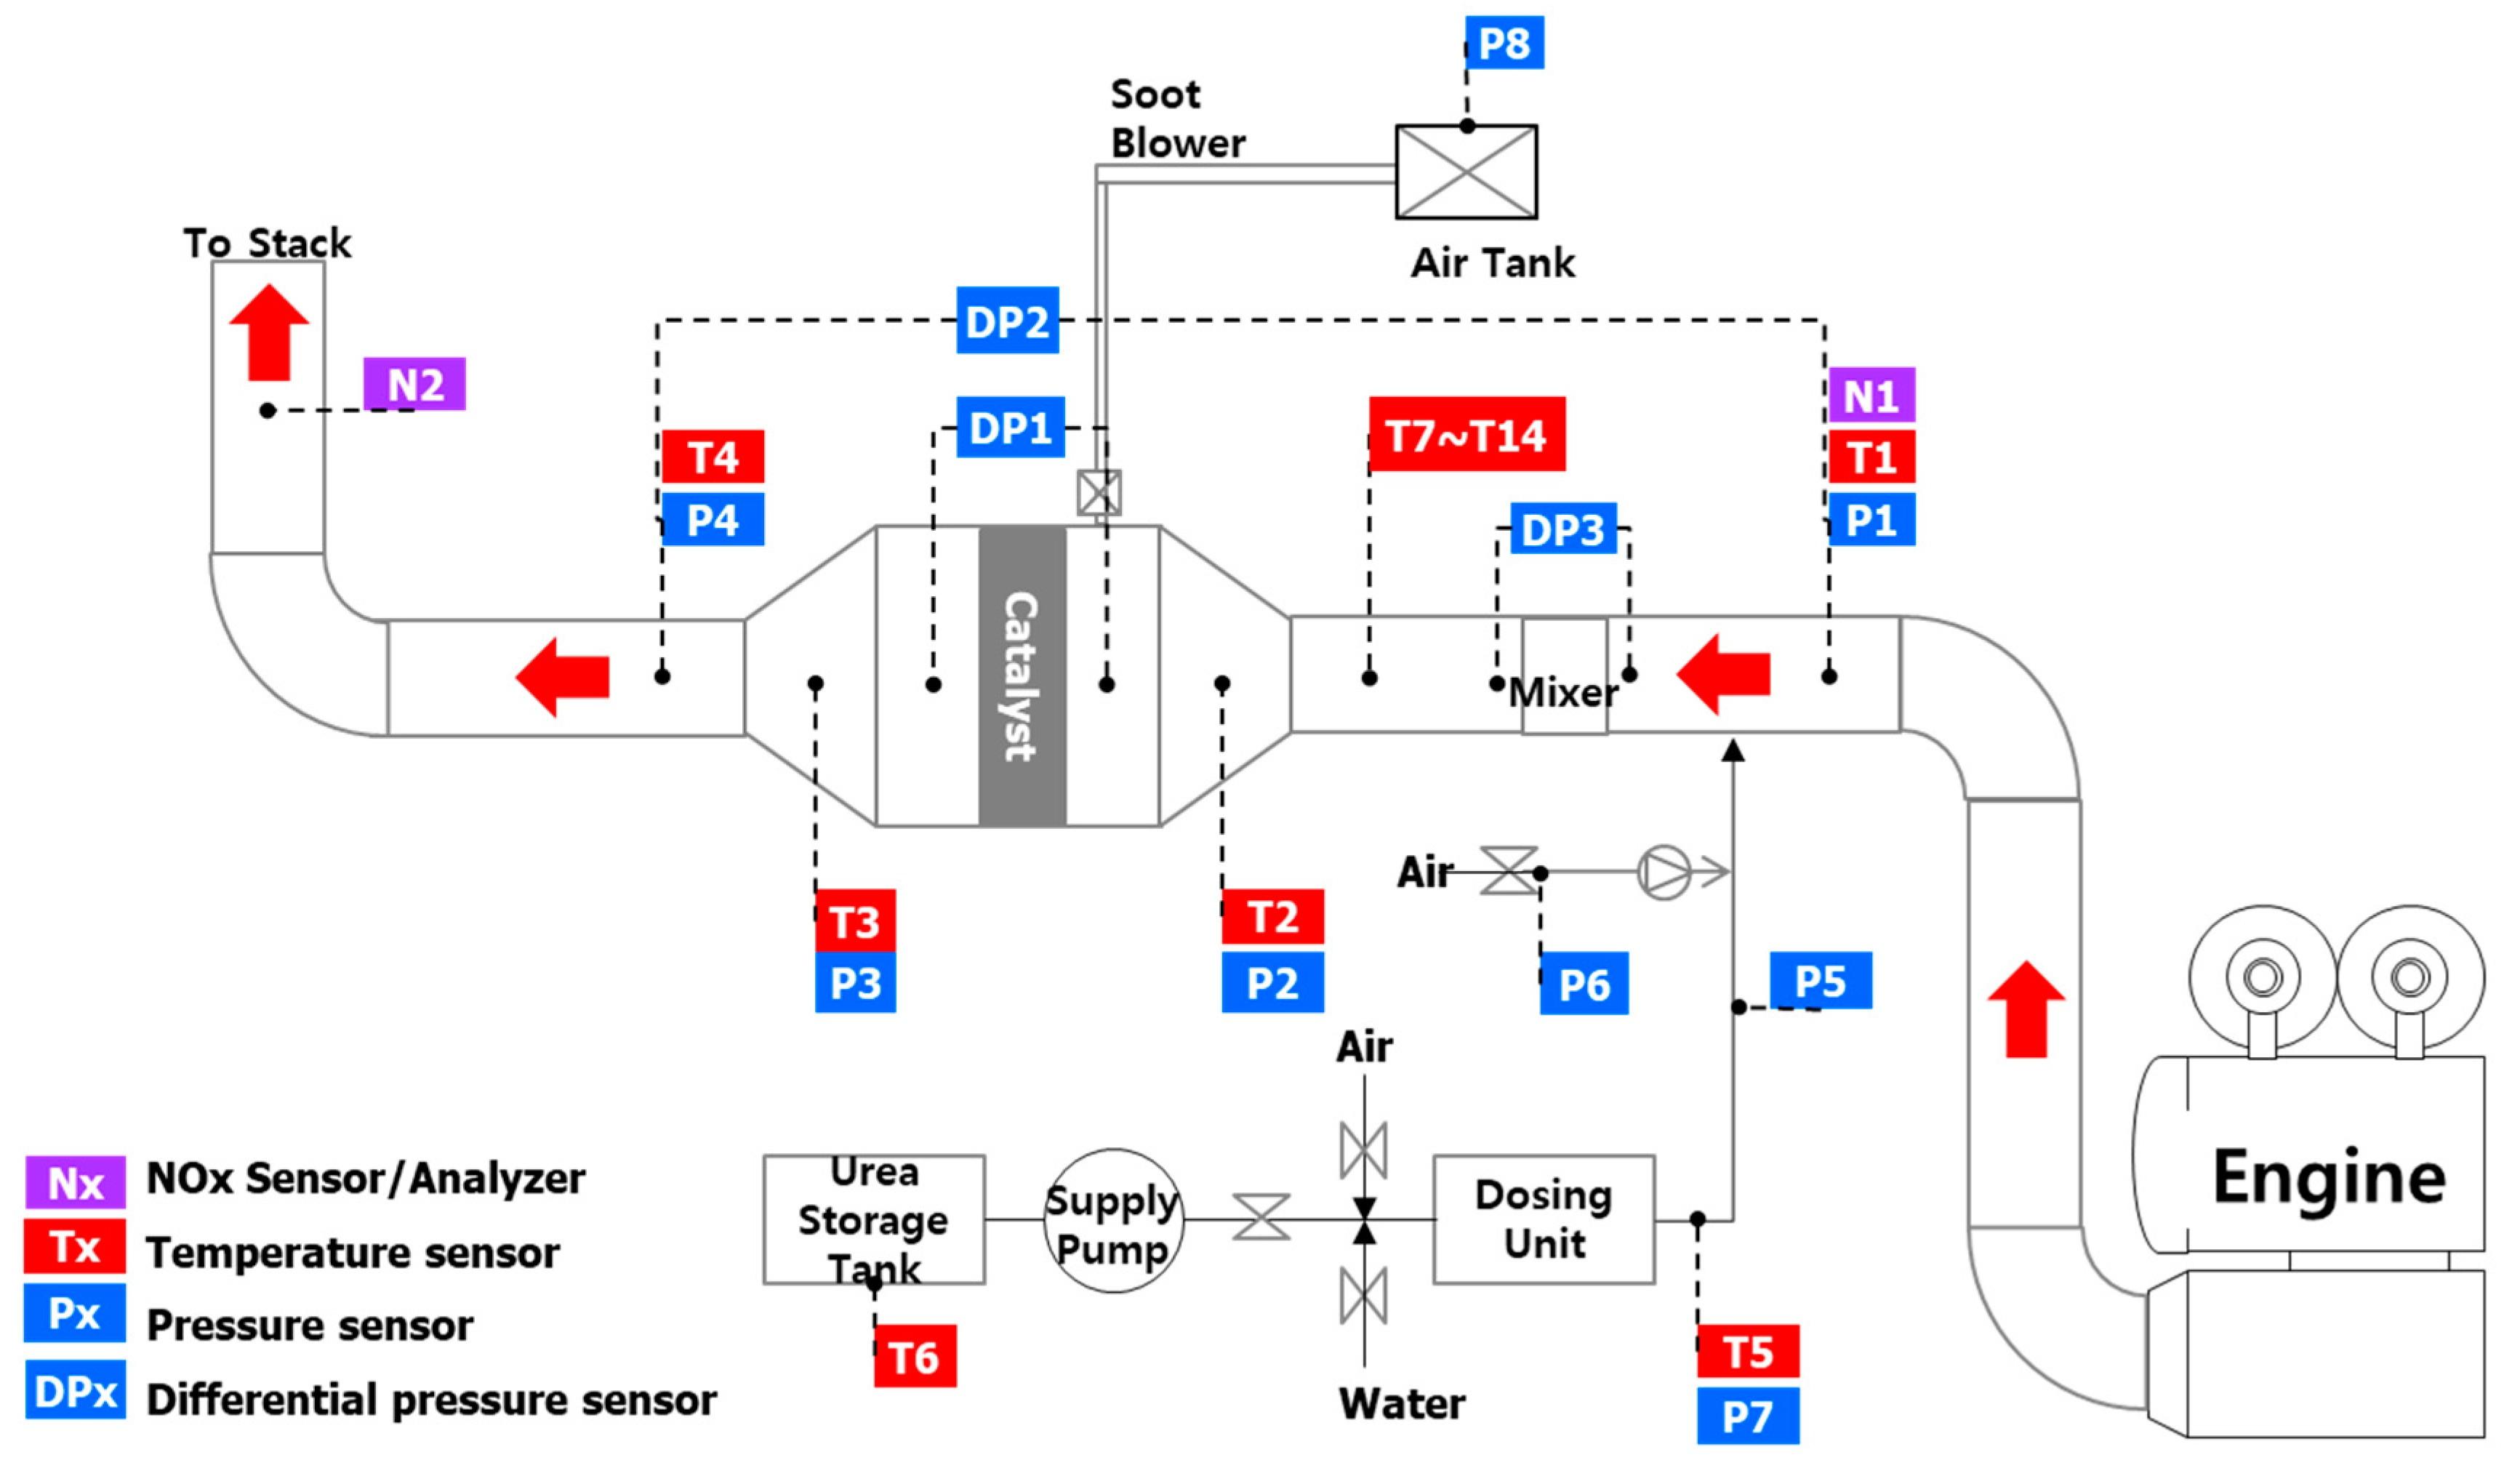 Diesel Turbo Diagram Jmse Free Full Text Of Diesel Turbo Diagram